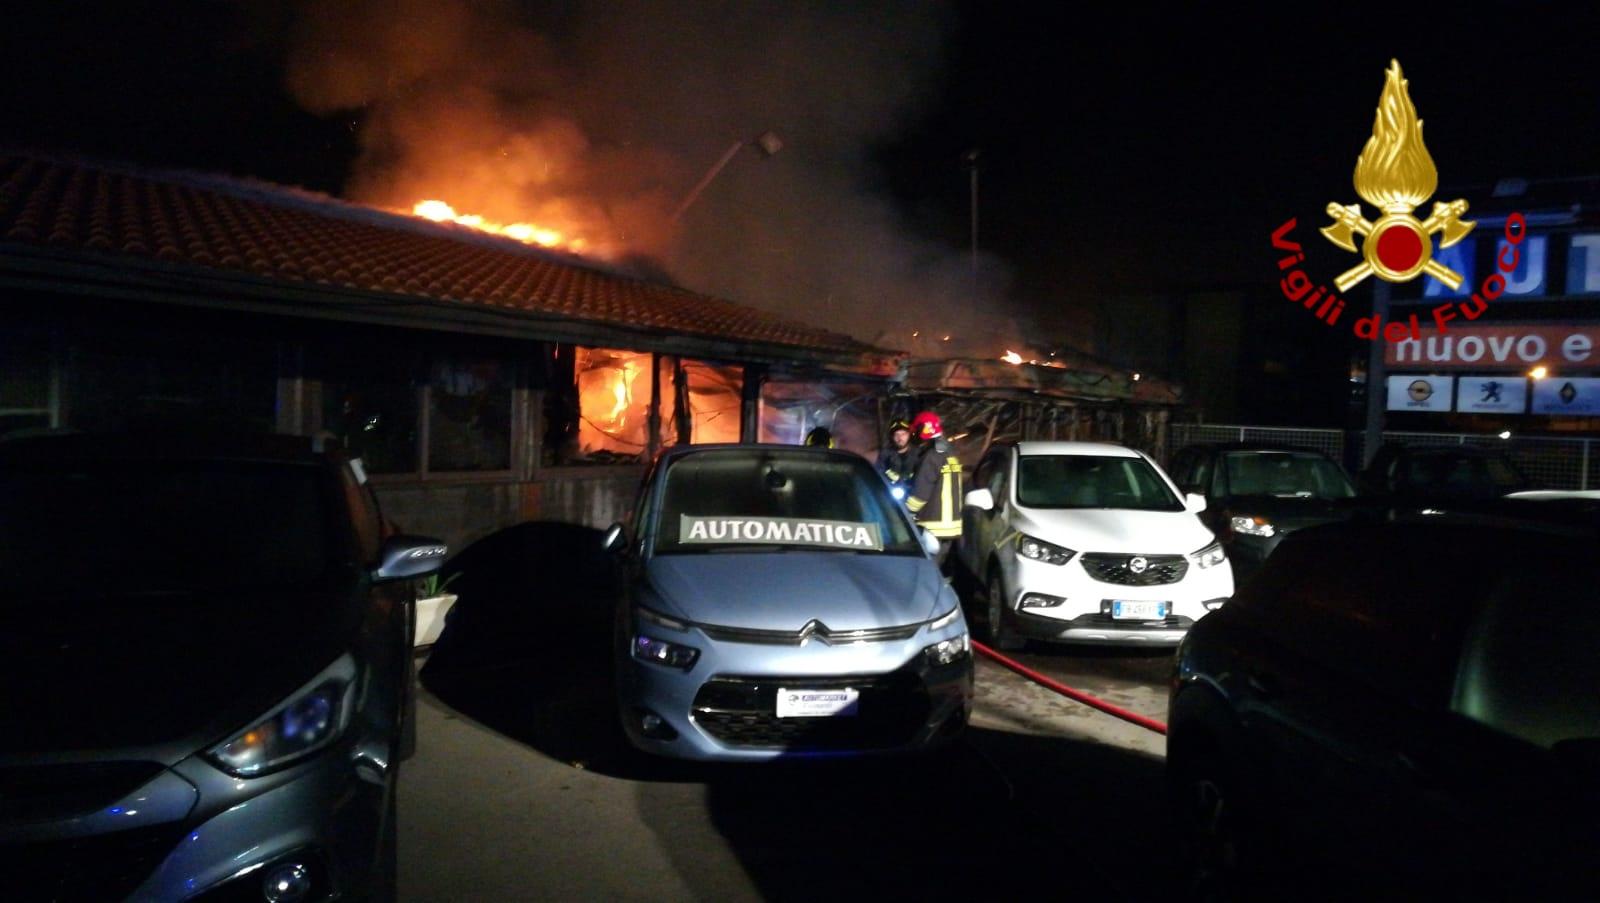 Acireale, in via Colombo notte di lavoro per i vigili del fuoco. In fiamme rivendita di auto